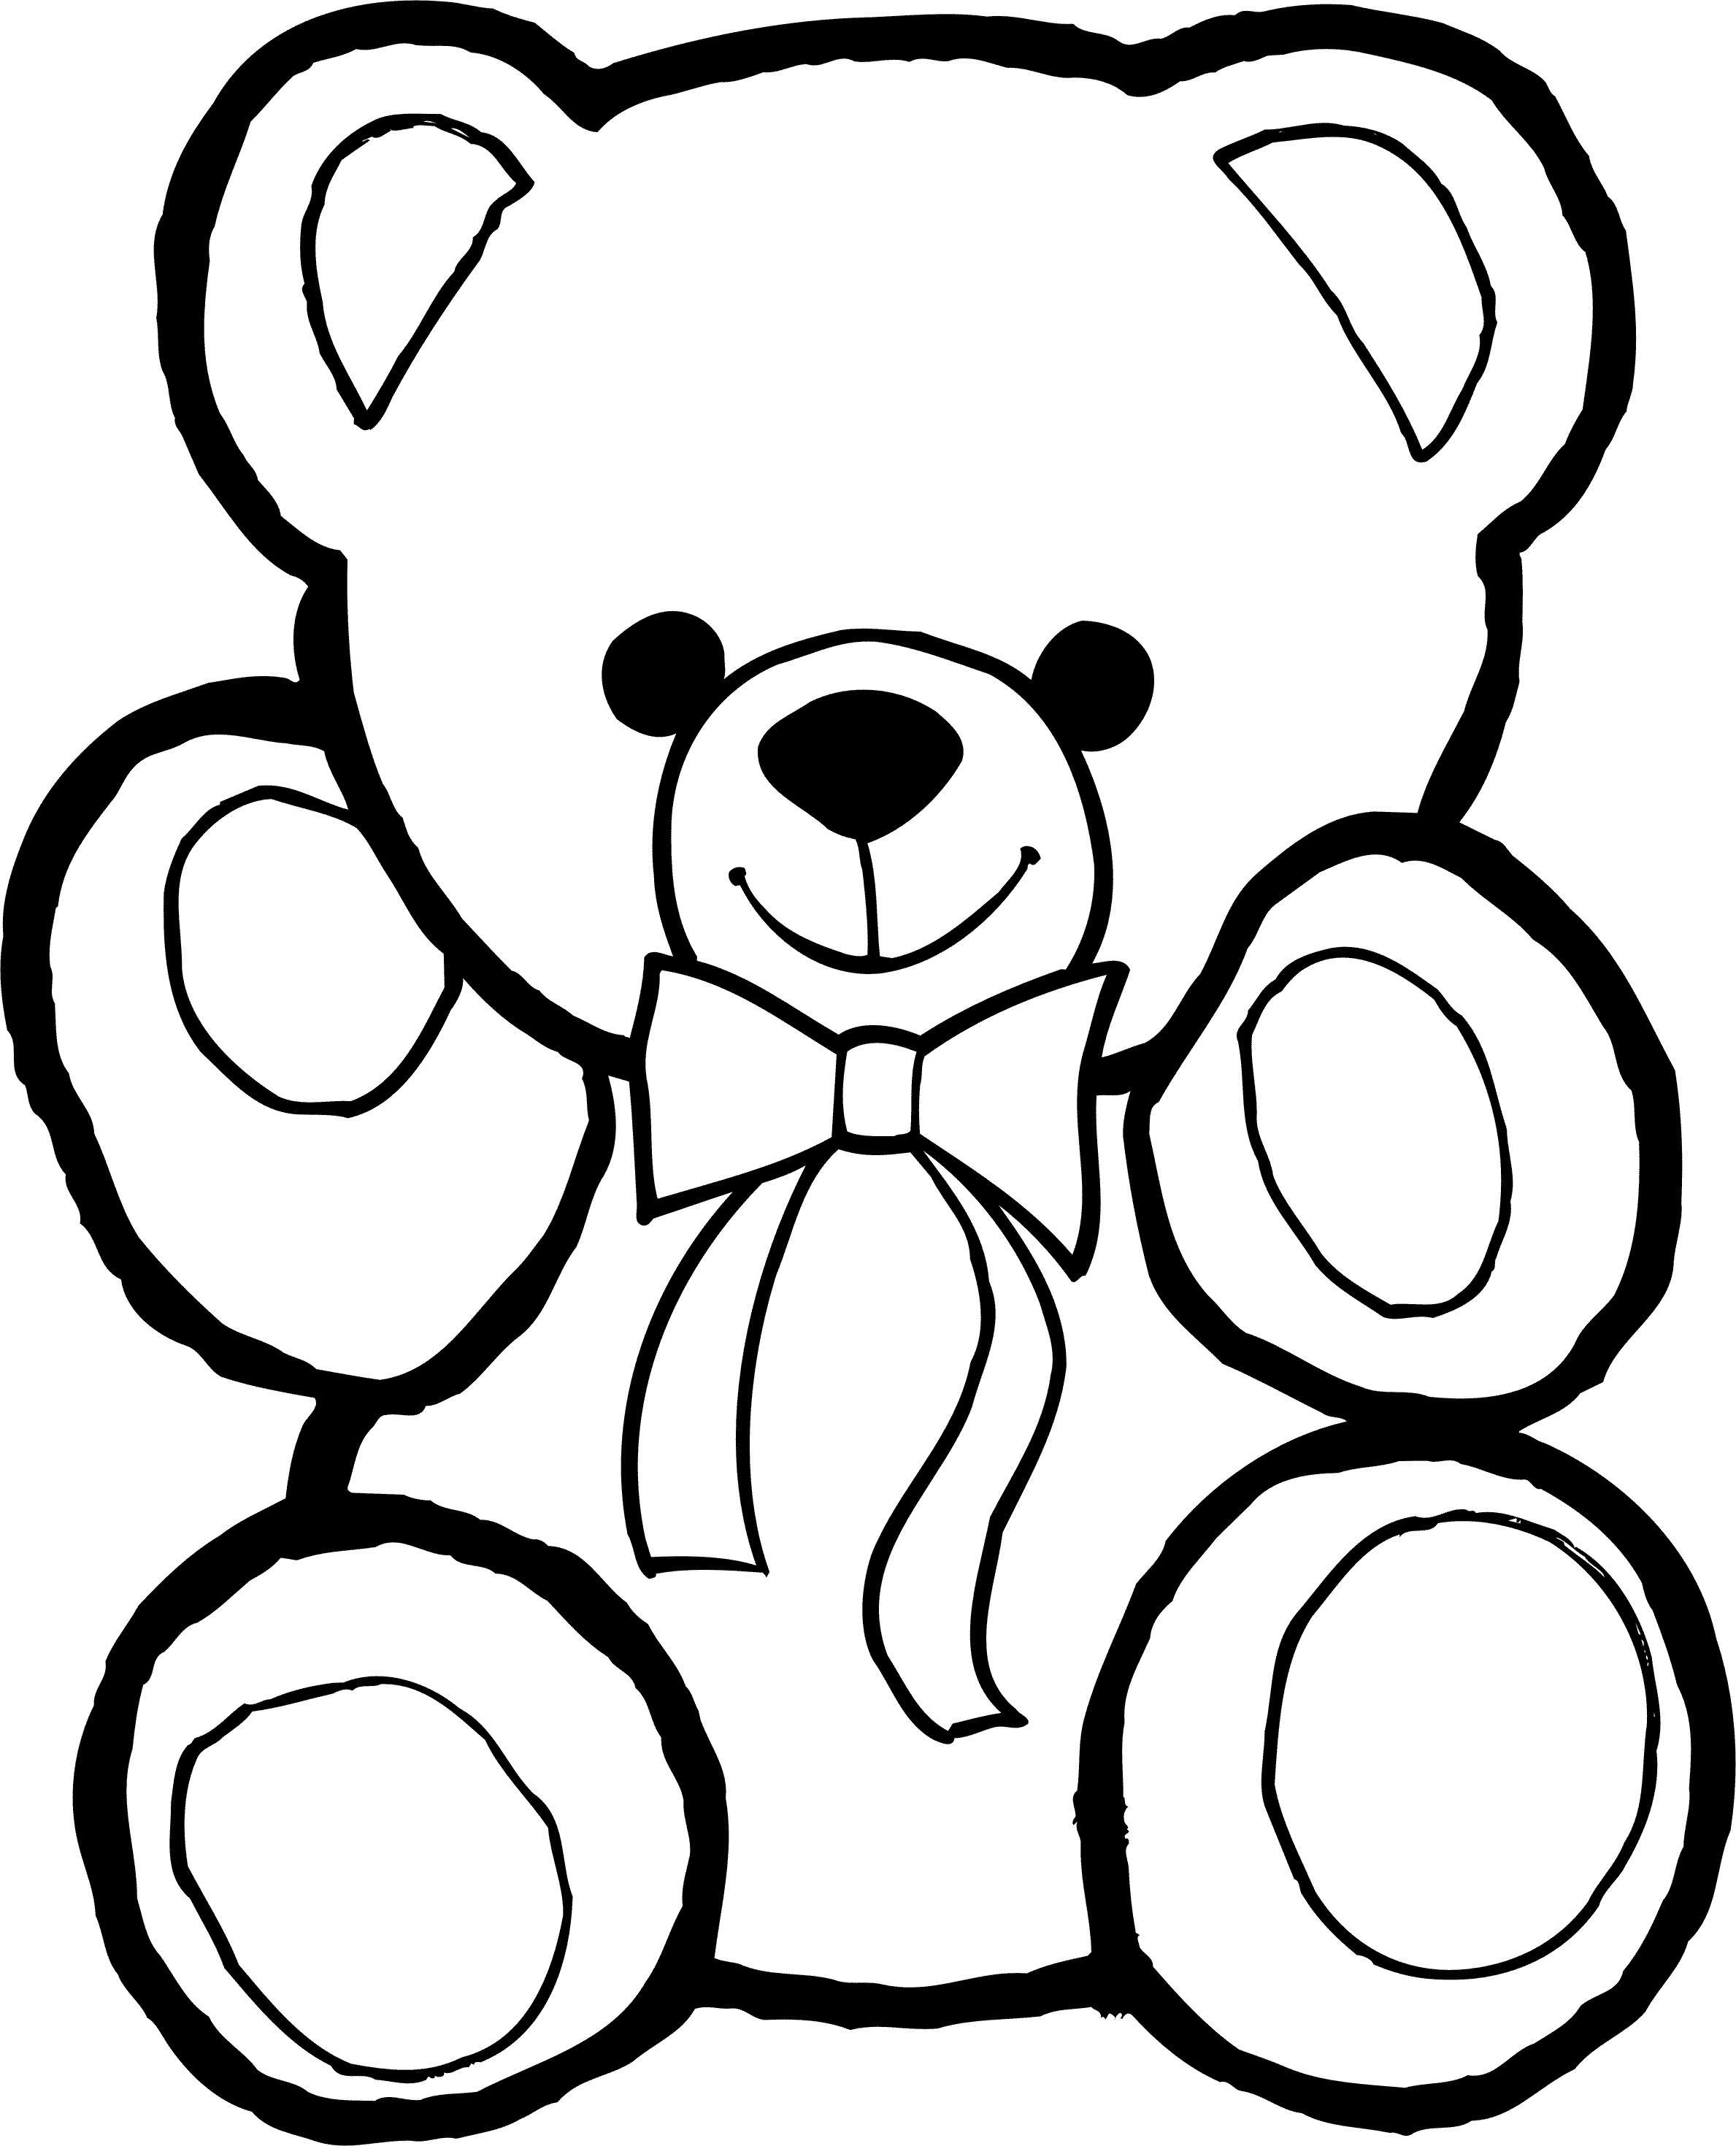 раскраски с мишками тедди милые и красивые раскраски для